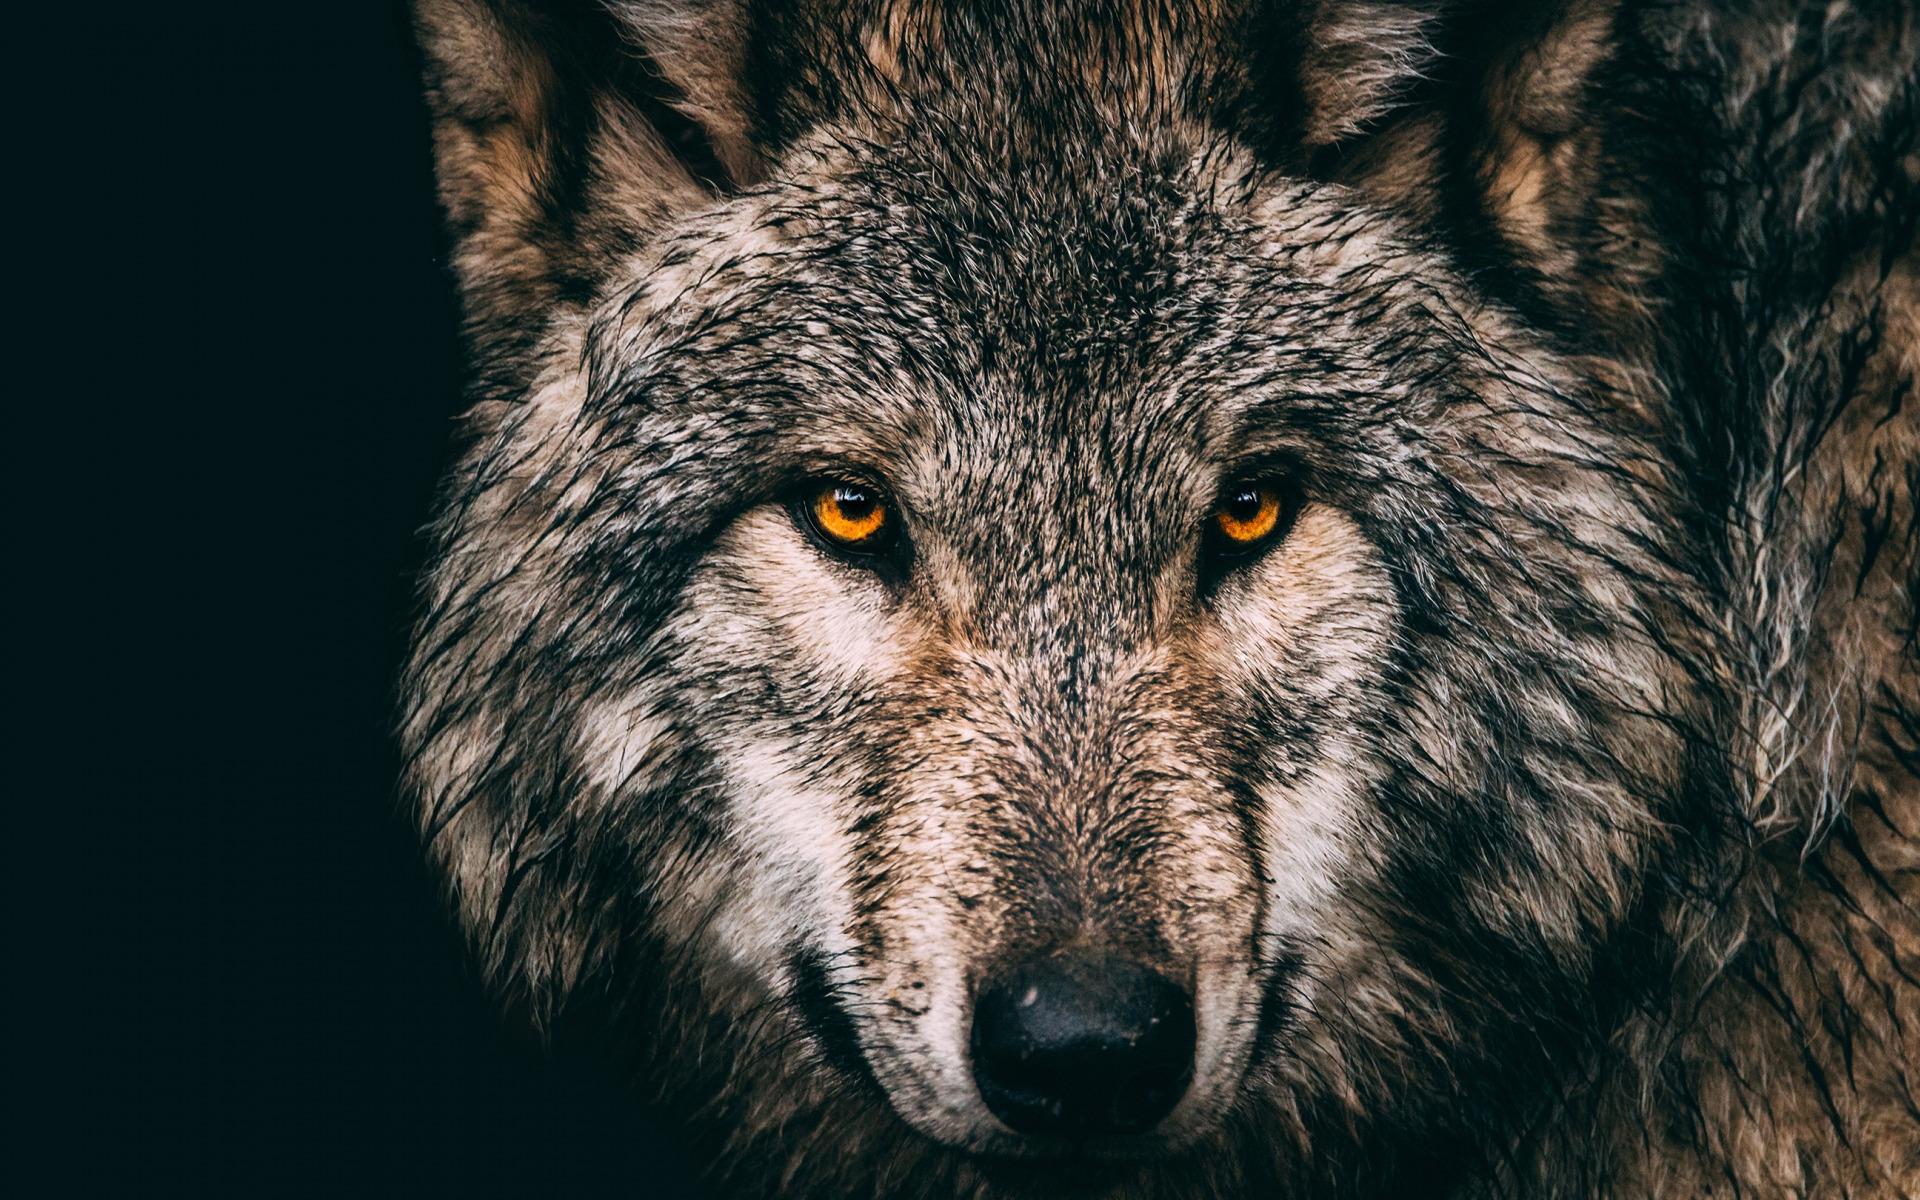 Картинки с волками на рабочий стол с черным фоном